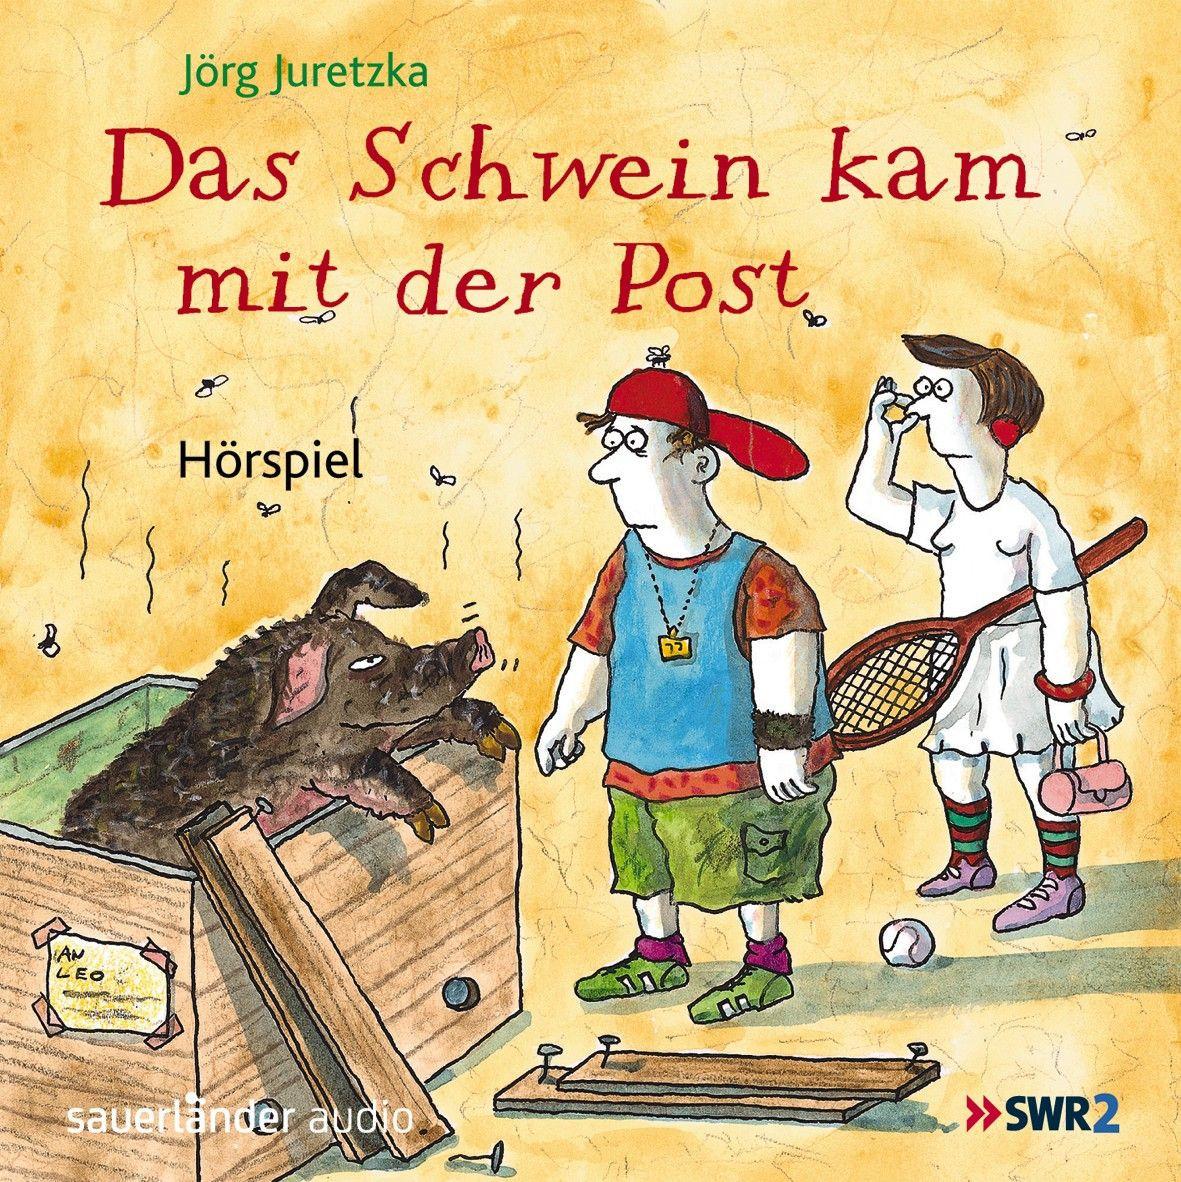 Das Schwein kam mit der Post (Hörspiel)